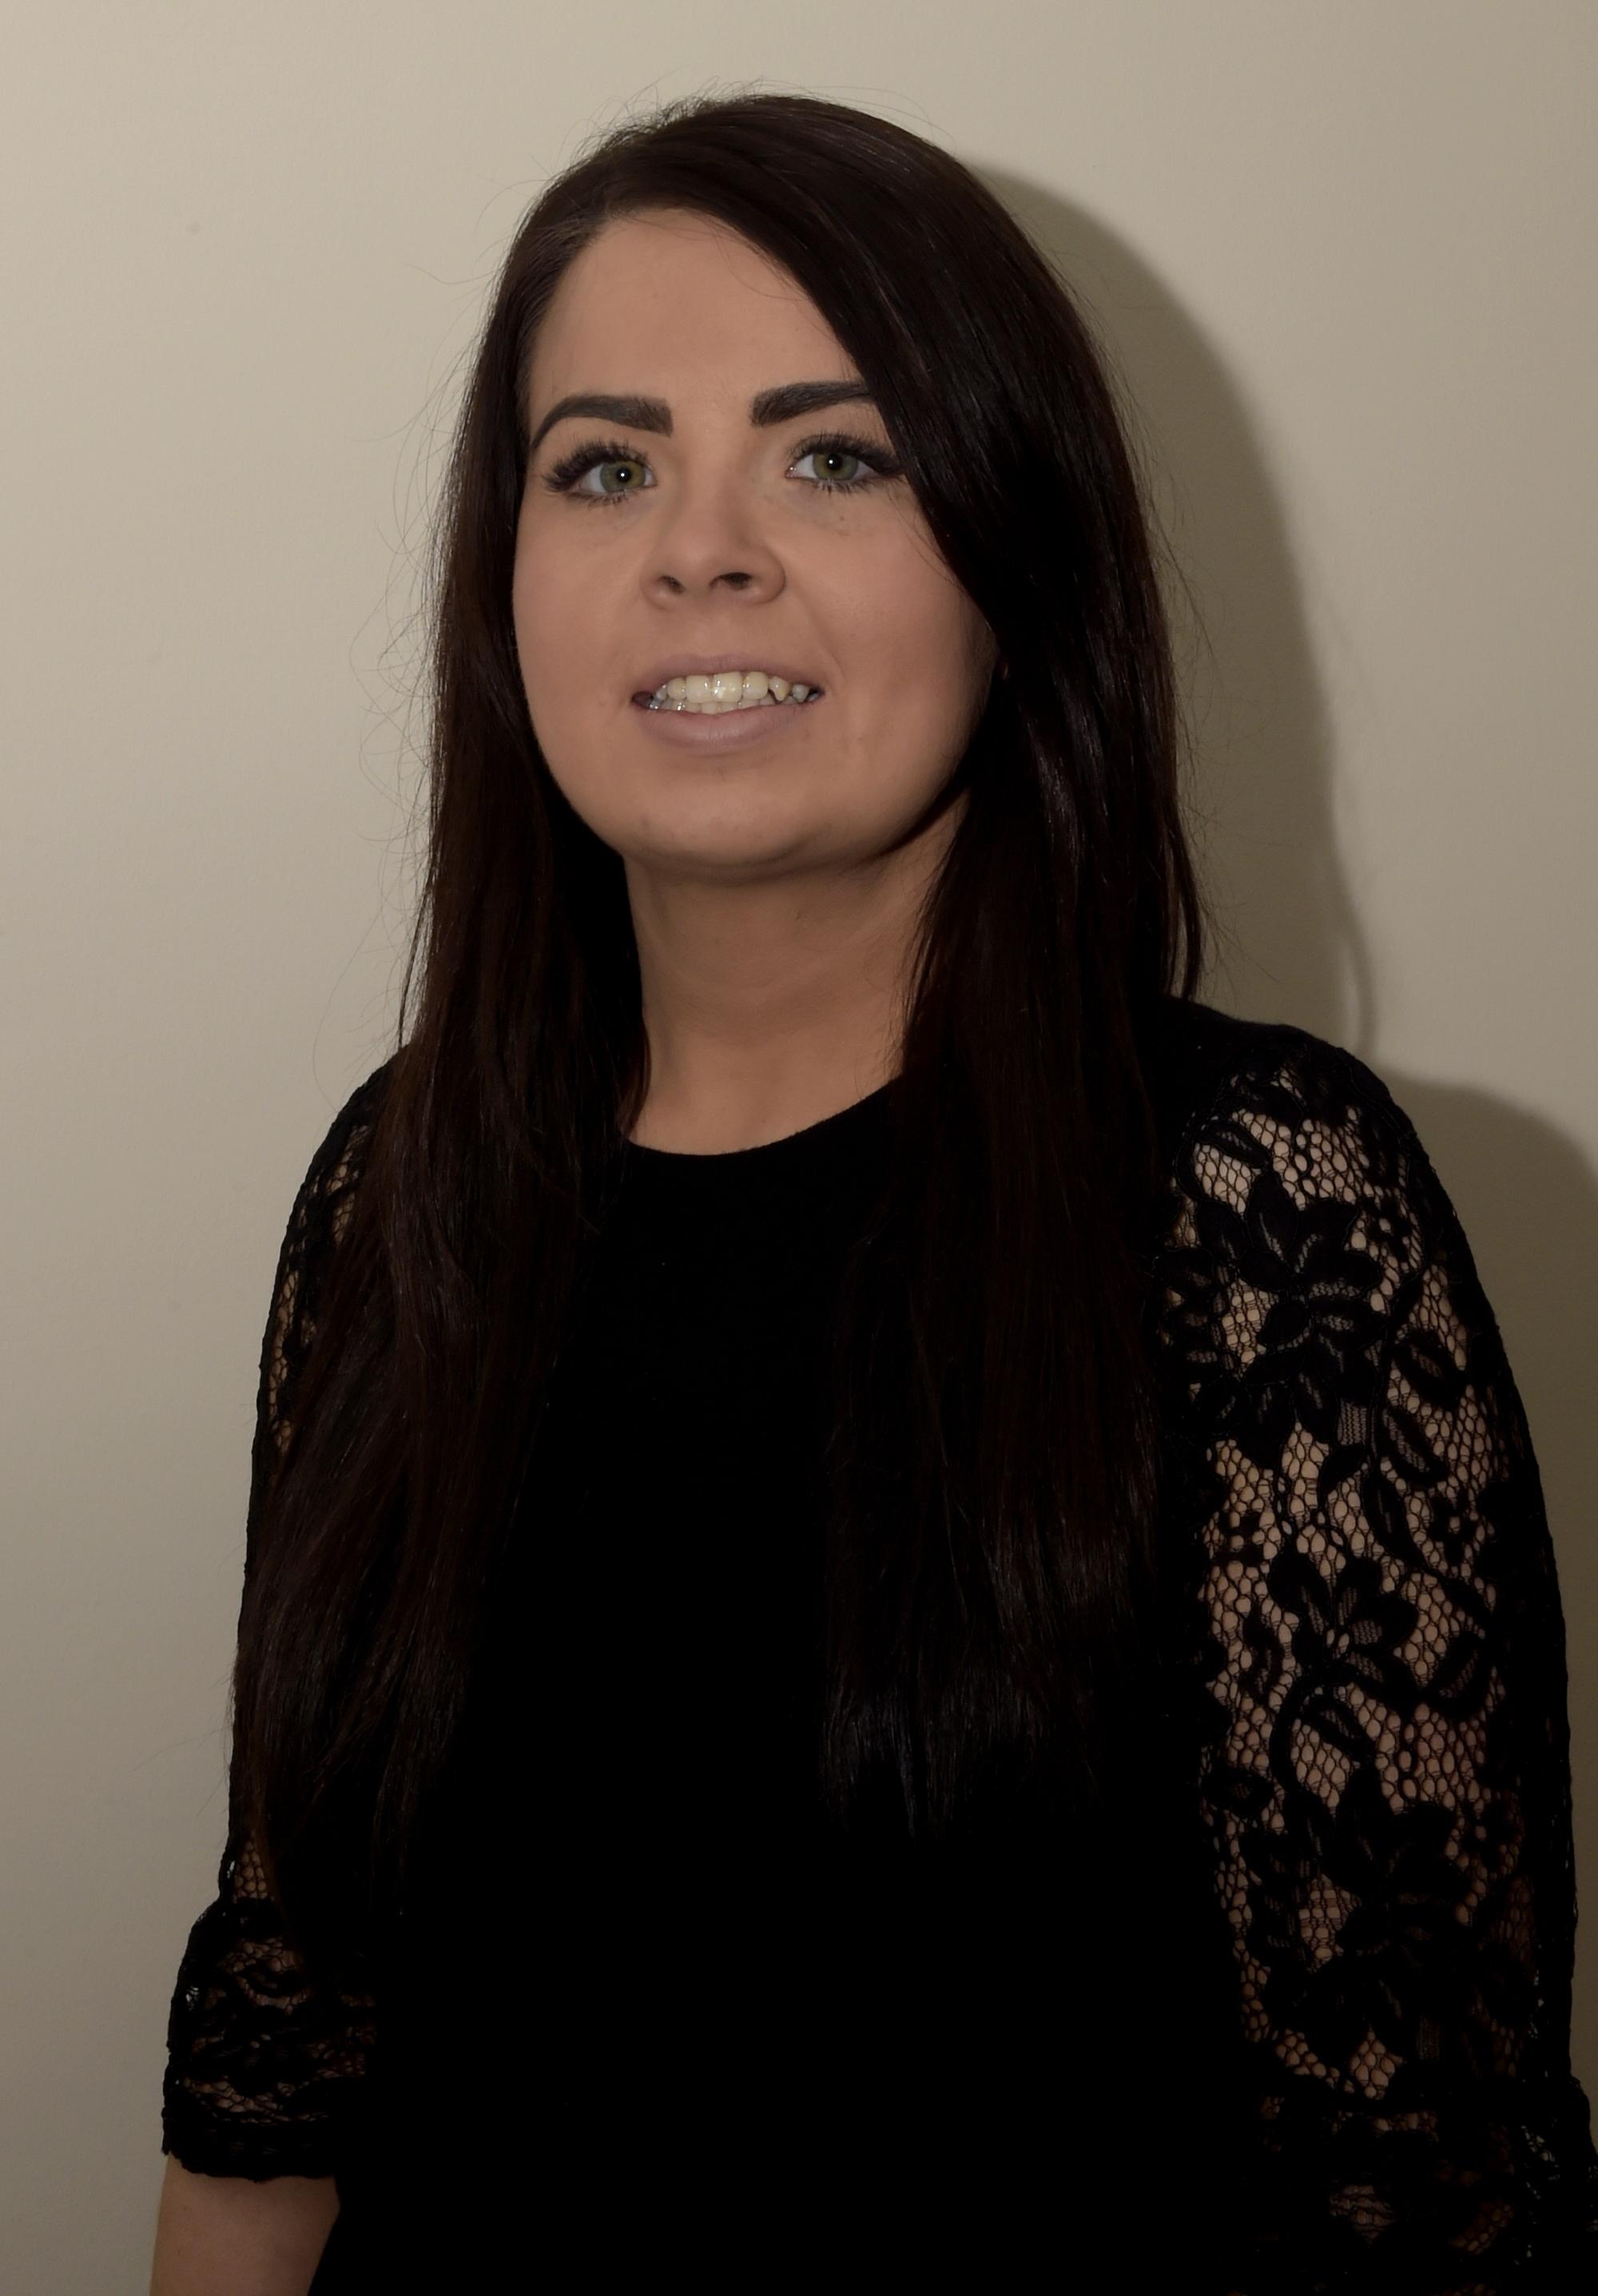 Lisa Noonan